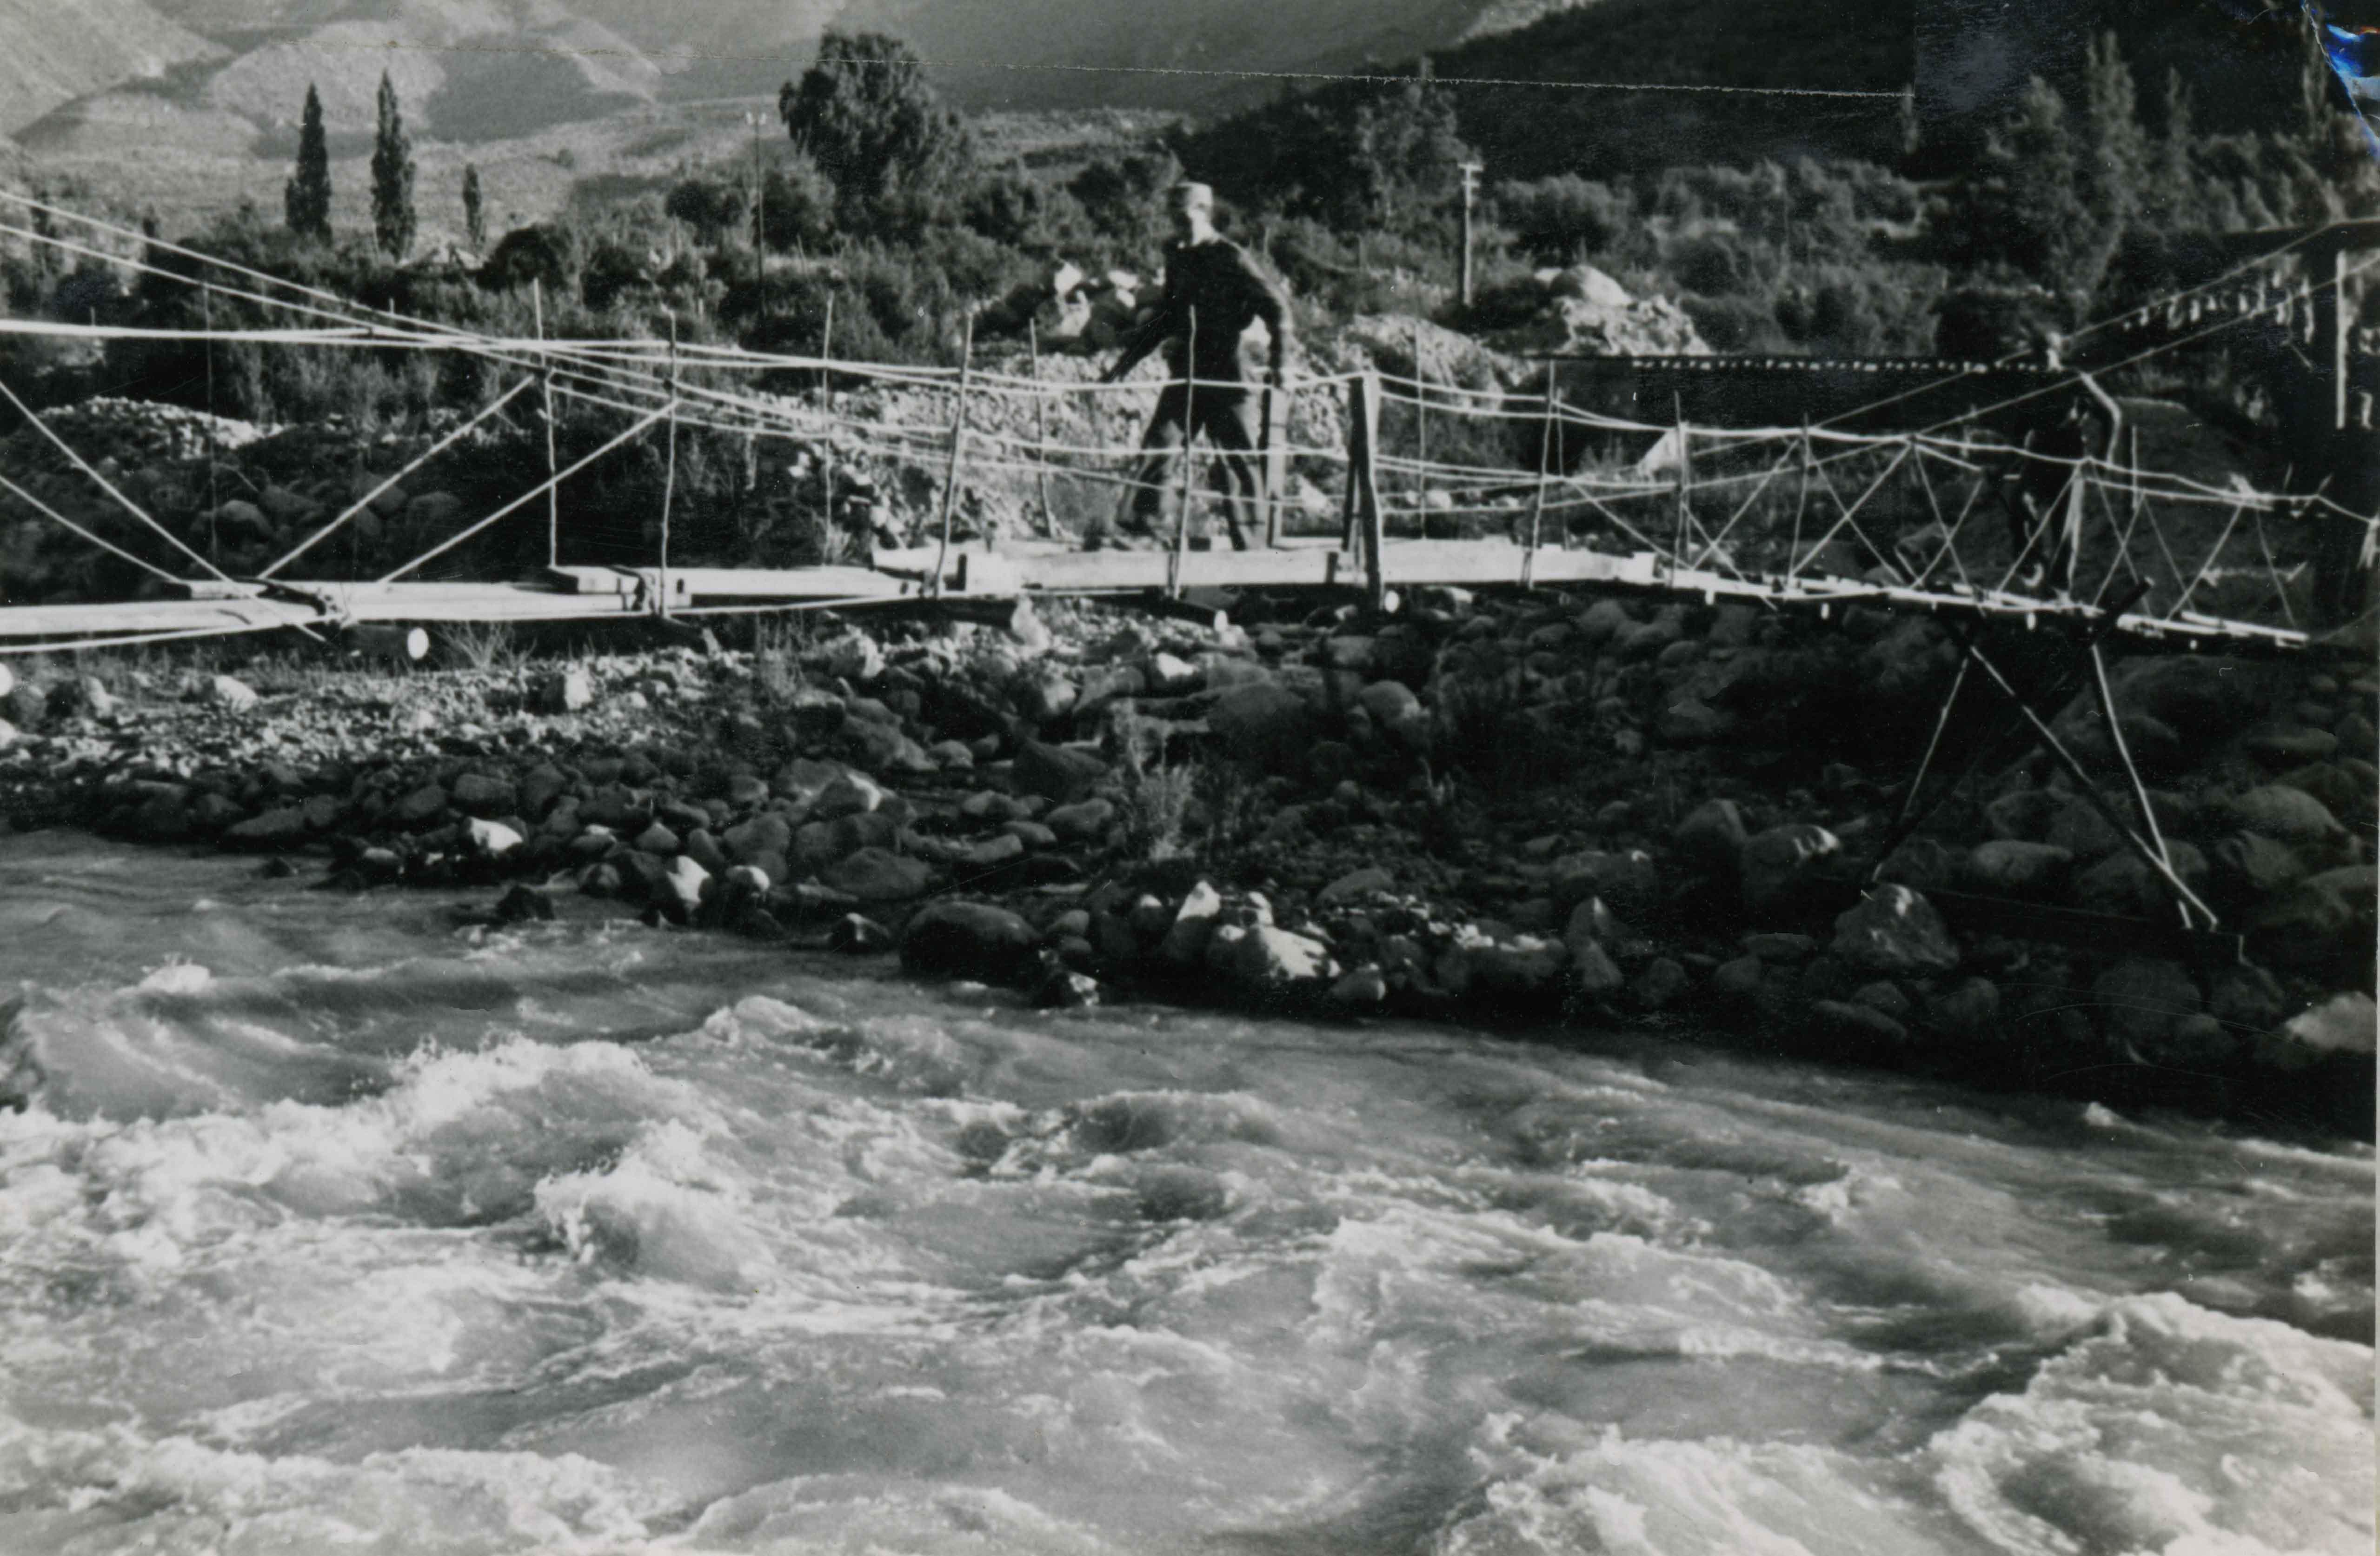 Enterreno - Fotos históricas de chile - fotos antiguas de Chile - Pasarela sobre el Río Aconcagua en 1946